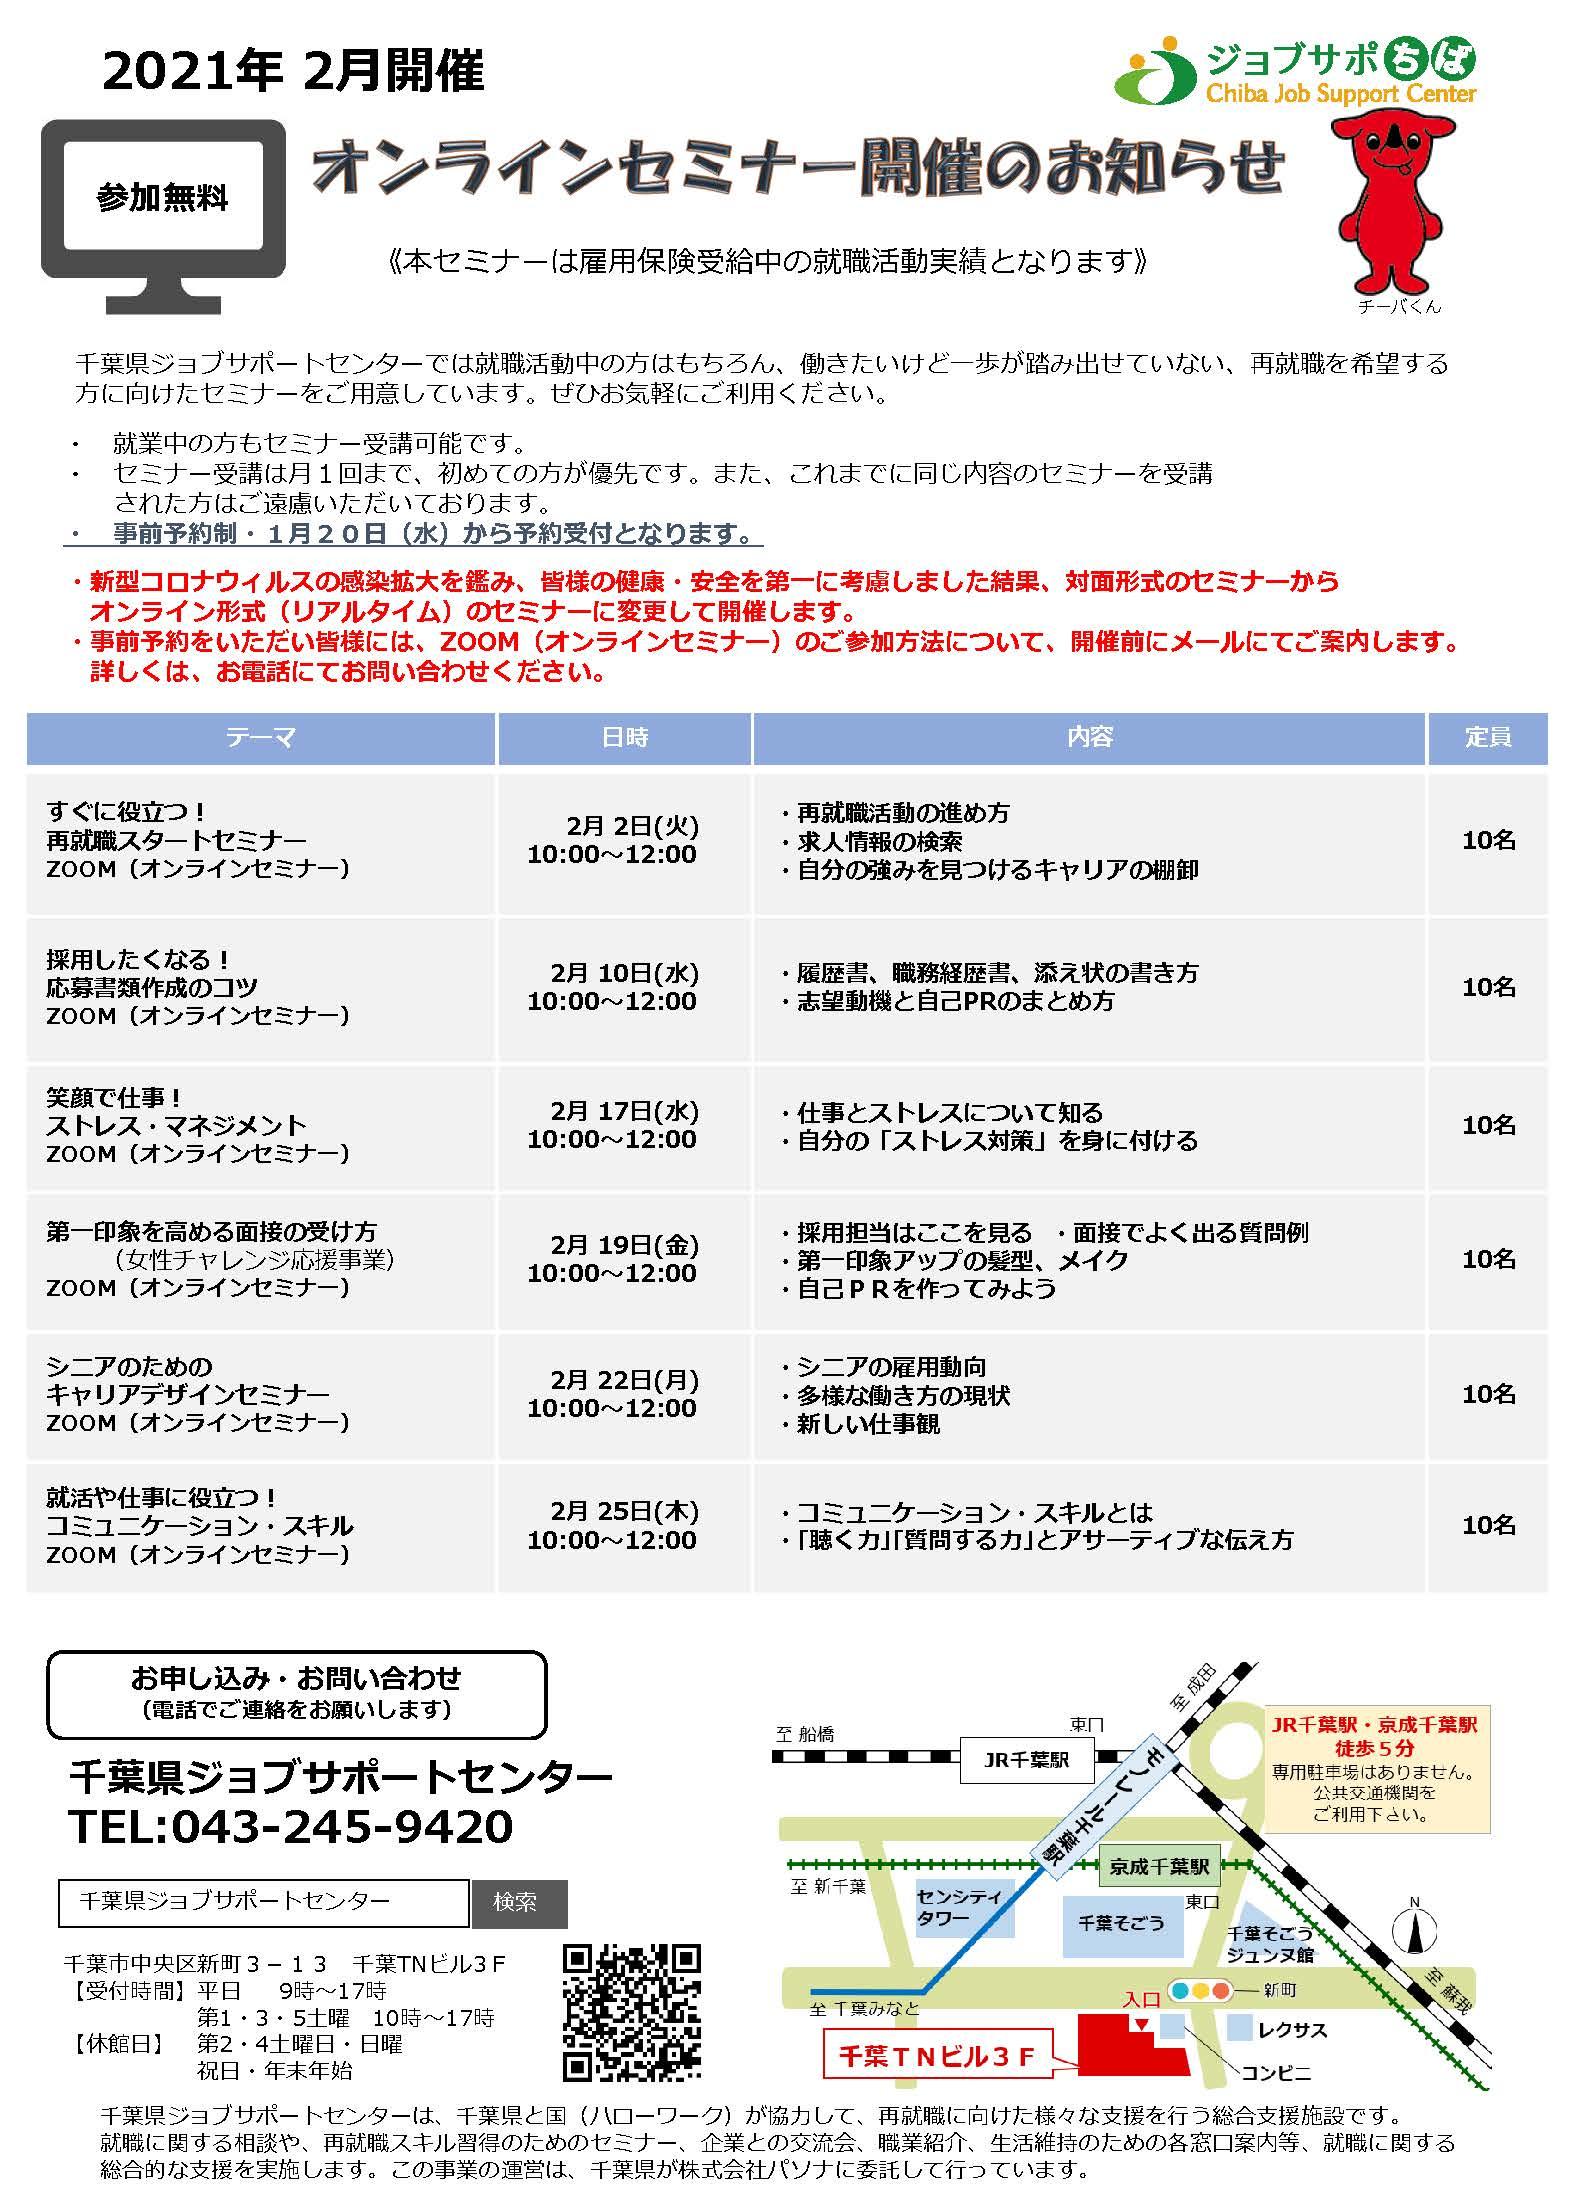 10b10808e9e929ef335c025e4b1821a2 1.pdf